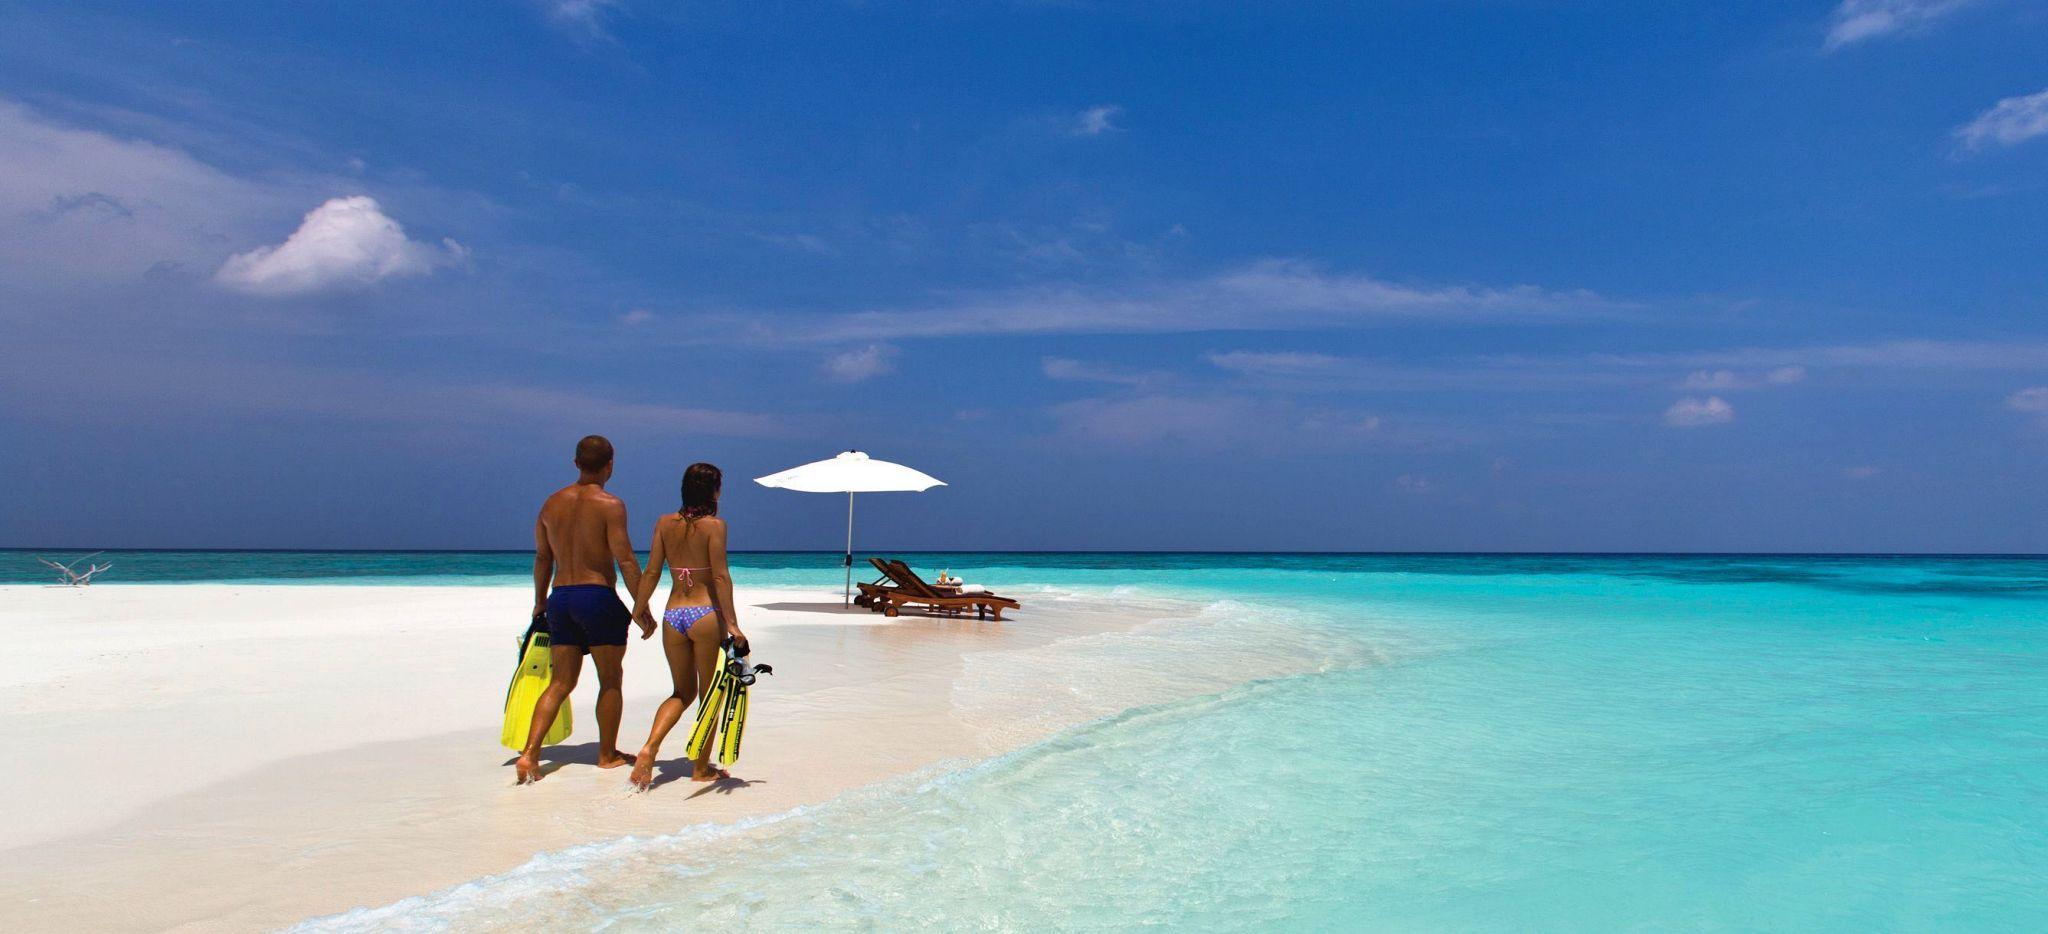 Ein Paar mit Flossen an einem eigenen Strand auf den Malediven. Ein Picknickplatz mit Sonneschirm